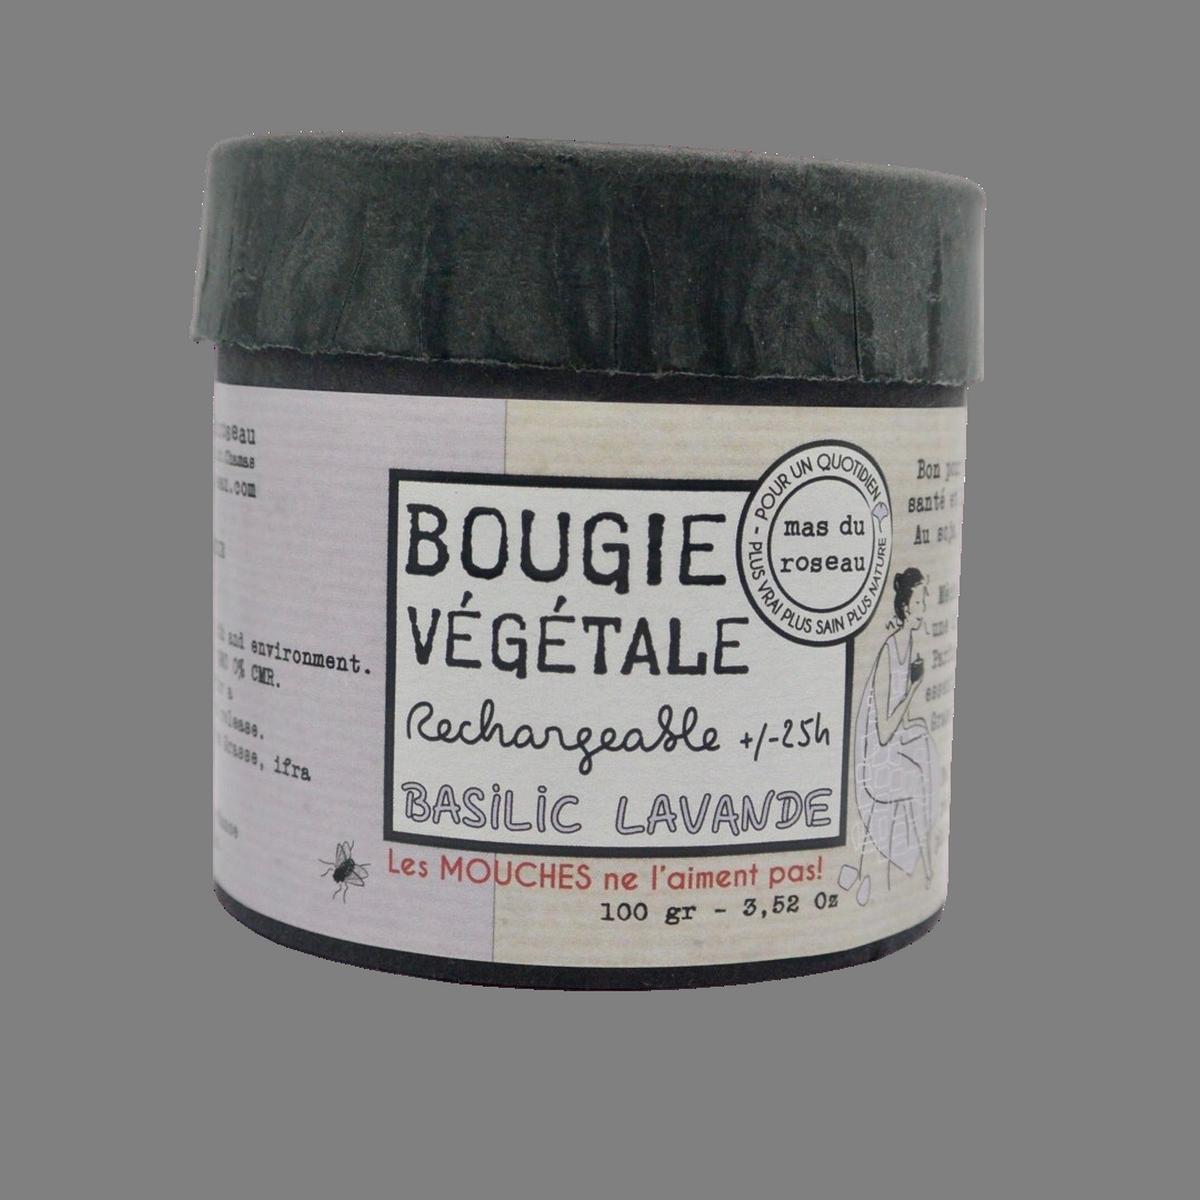 Bougie parfumée naturelle et végétale / Senteur basilic lavande